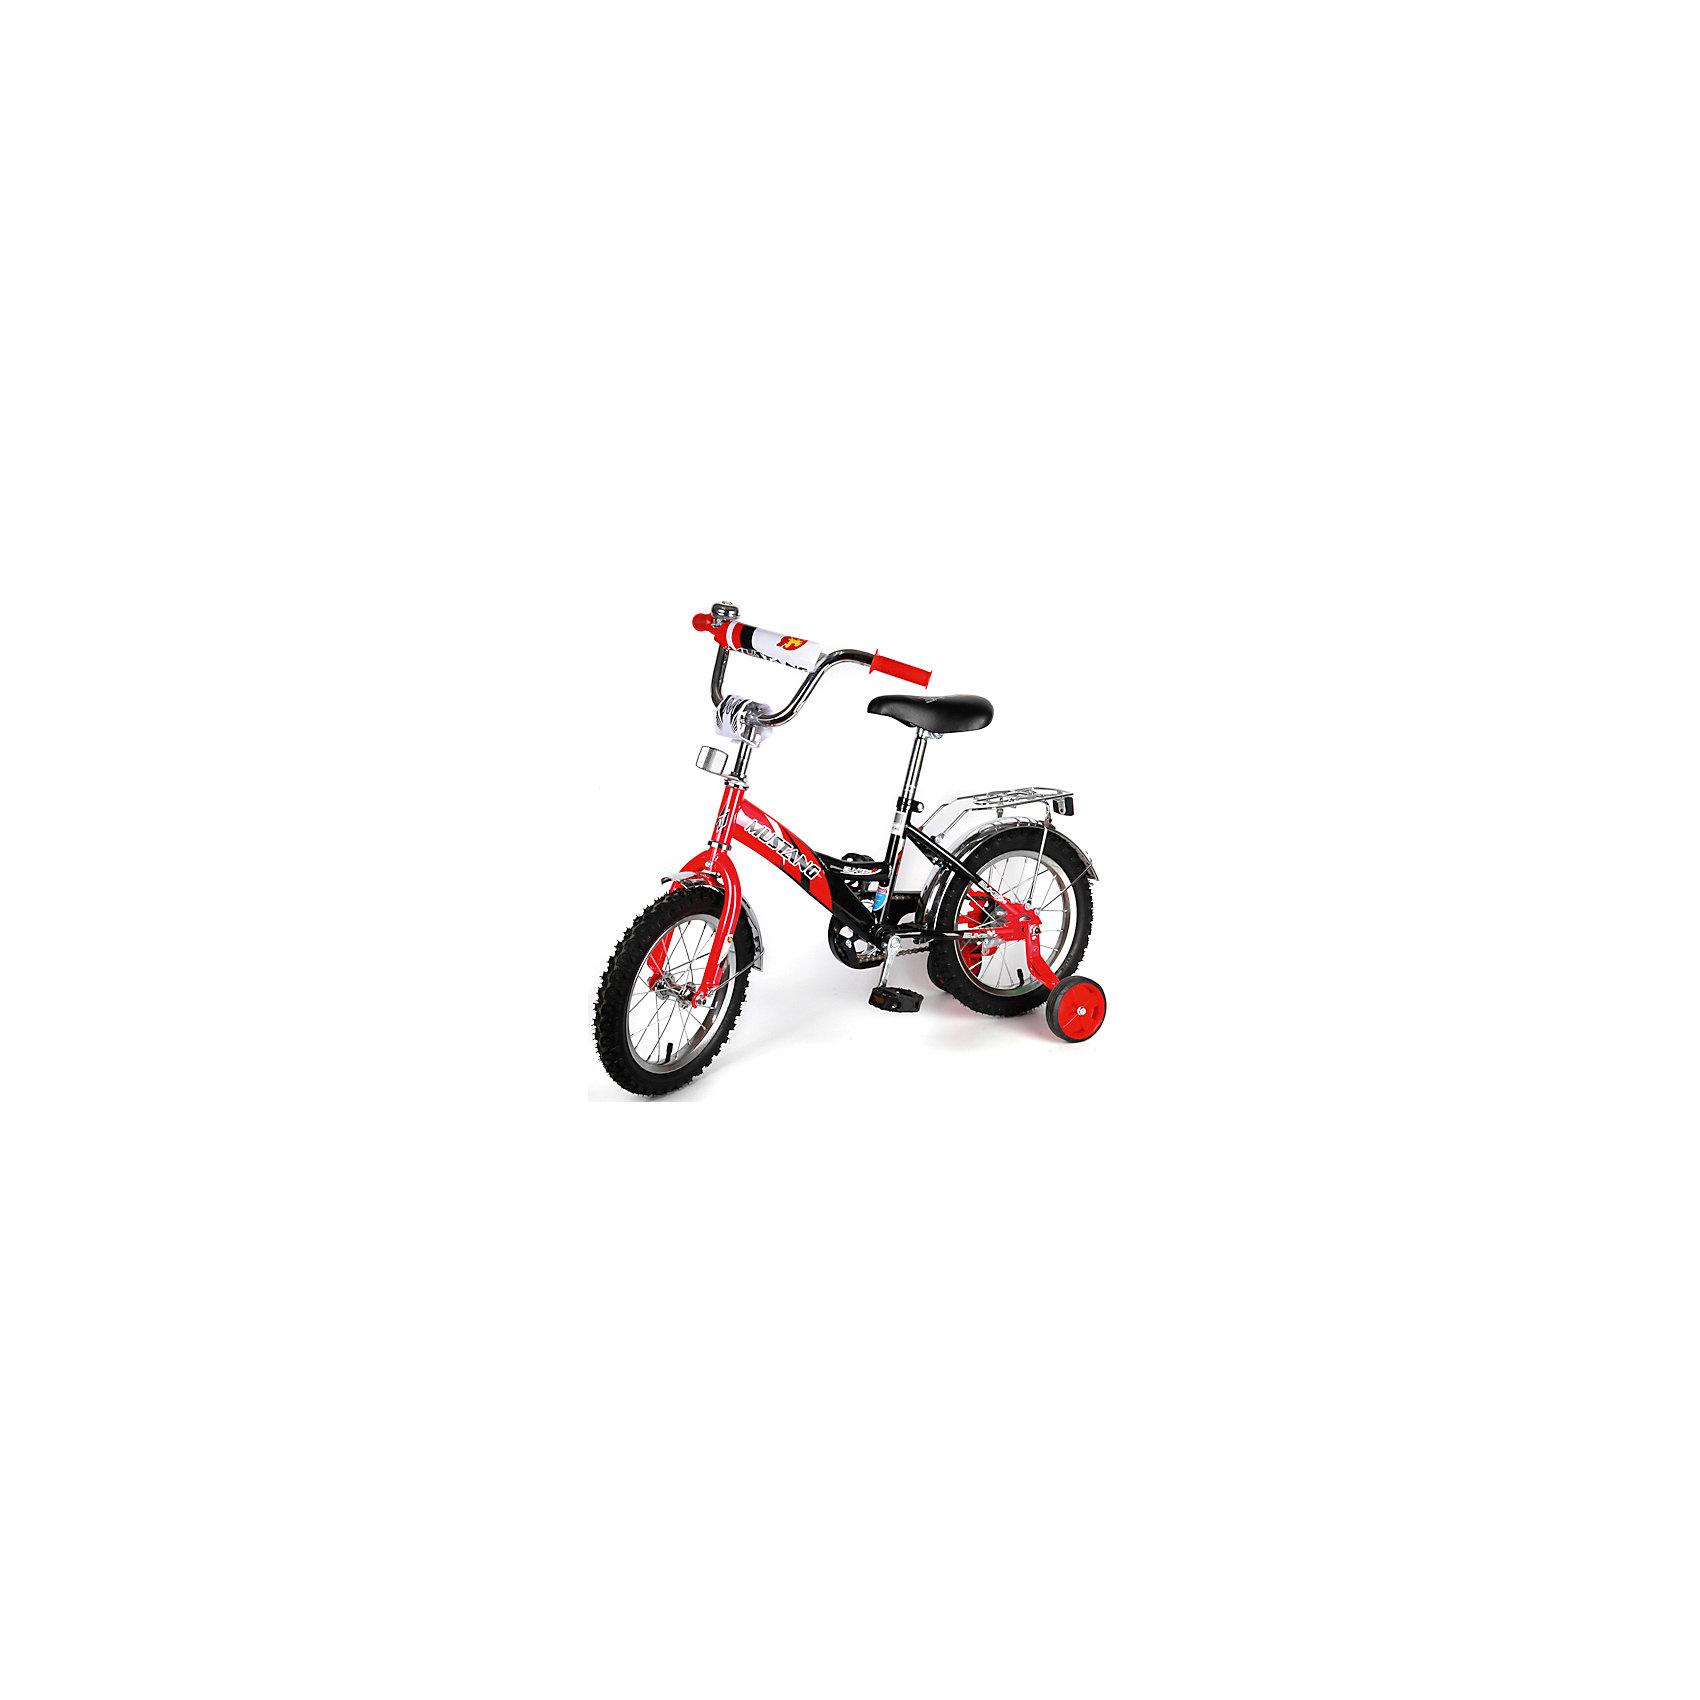 """Детский велосипед,  14,  красный/черный, MustangВелосипед детский «Mustang» 14, низкая рама, 1 скорость, задний ножной тормоз, регулируемый хромированный руль BMX с защитной накладкой, багажник и звонок, ограничитель поворота руля, приставные пластиковые колеса с усиленным кронштейном, усиленные хром крылья, полная защита цепи """"P"""" типа, ограничитель поворота руля,  красный/черный.<br><br>Ширина мм: 500<br>Глубина мм: 680<br>Высота мм: 1000<br>Вес г: 10500<br>Возраст от месяцев: 36<br>Возраст до месяцев: 60<br>Пол: Унисекс<br>Возраст: Детский<br>SKU: 5526396"""